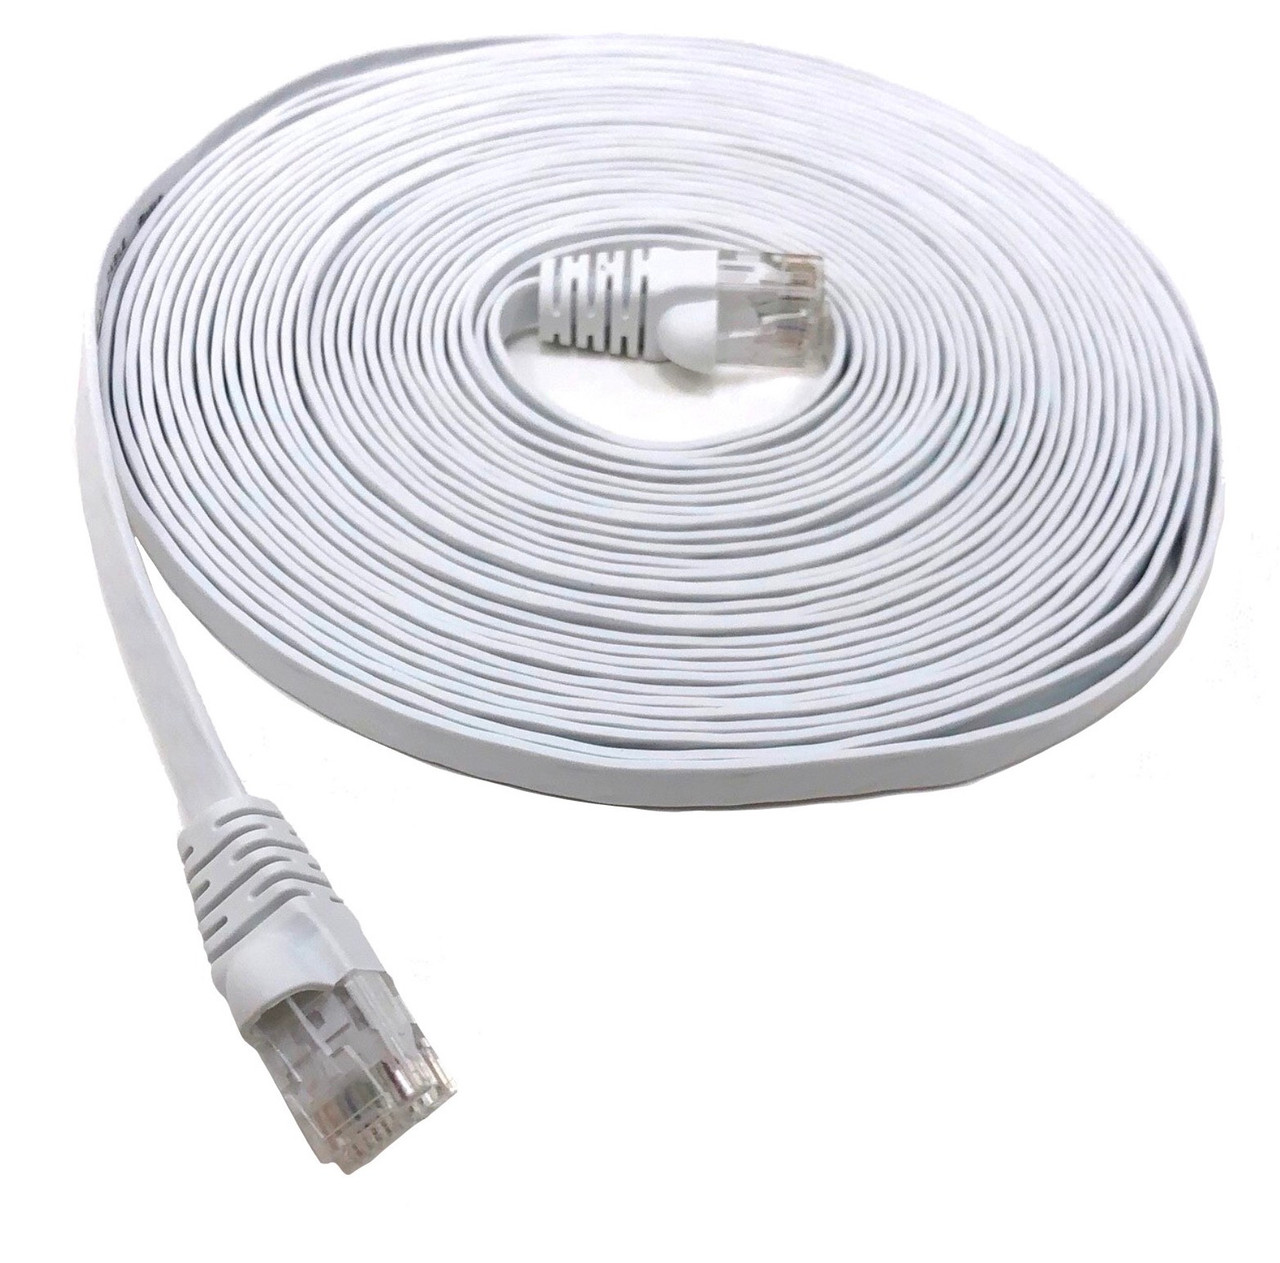 Blue SoDo Tek TM RJ45 Cat5e Ethernet Patch Cable For Samsung ML-3310D Printer 25 ft